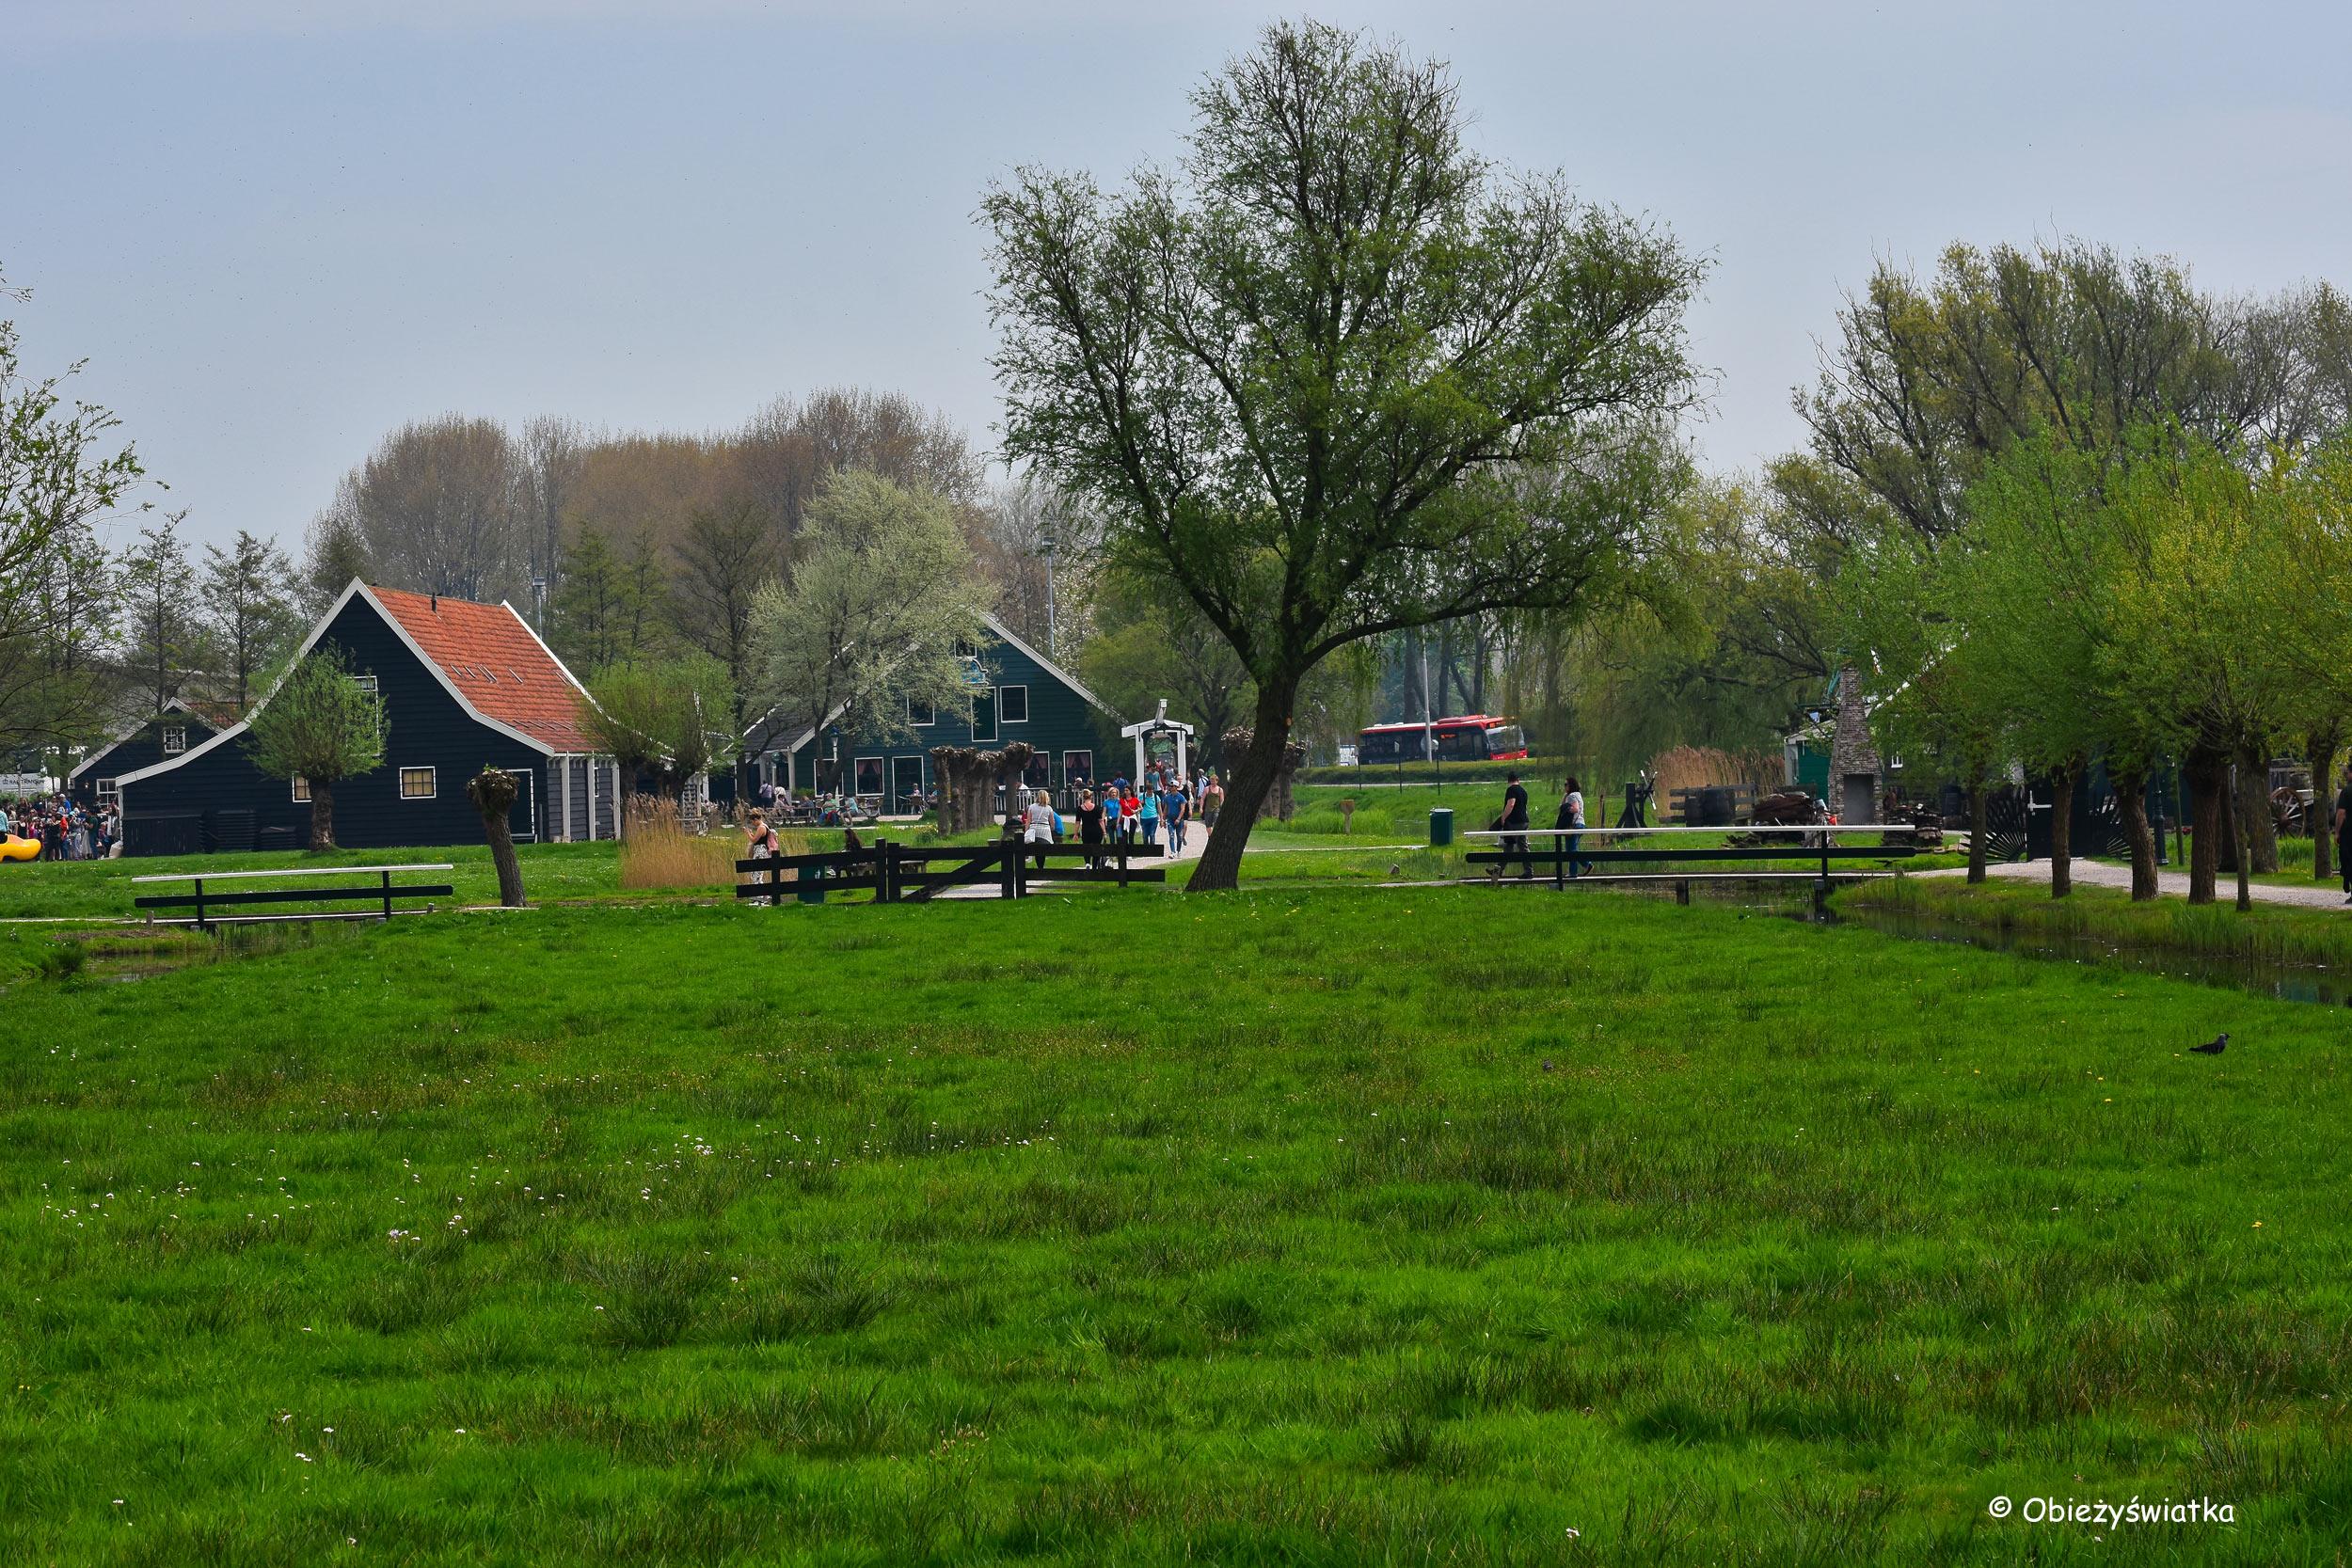 Zabytkowa wioska Zaanse Schans, Holandia